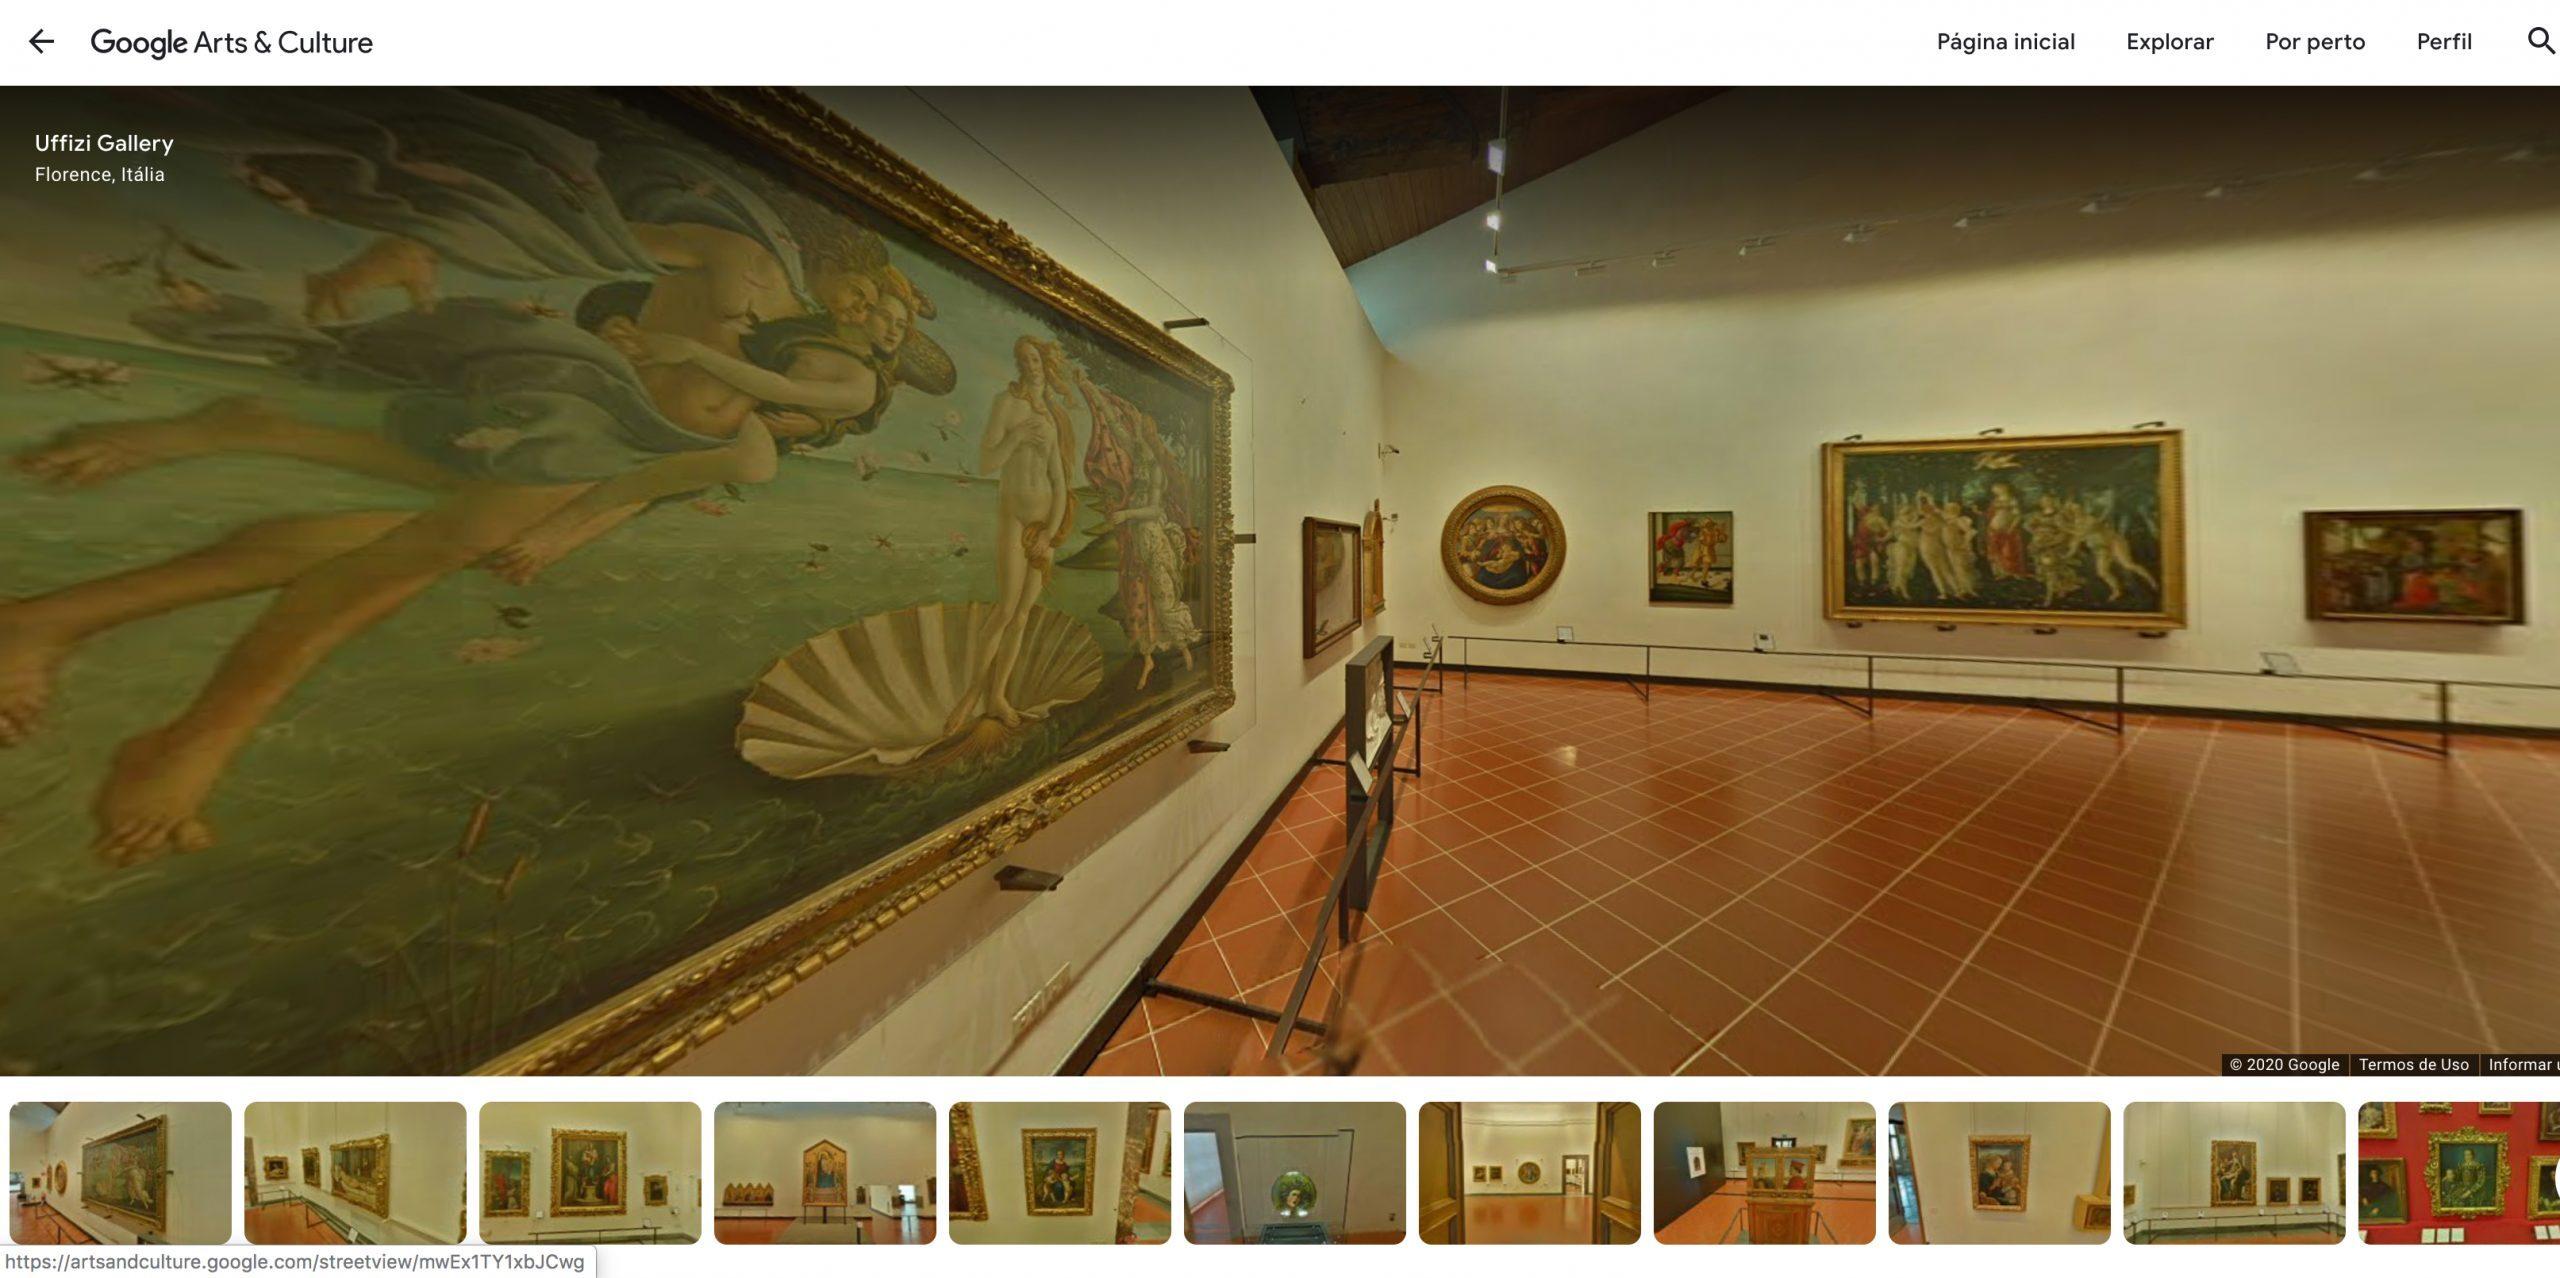 Reprodução do site da Galeria Uffizi no Google Arts & Culture.